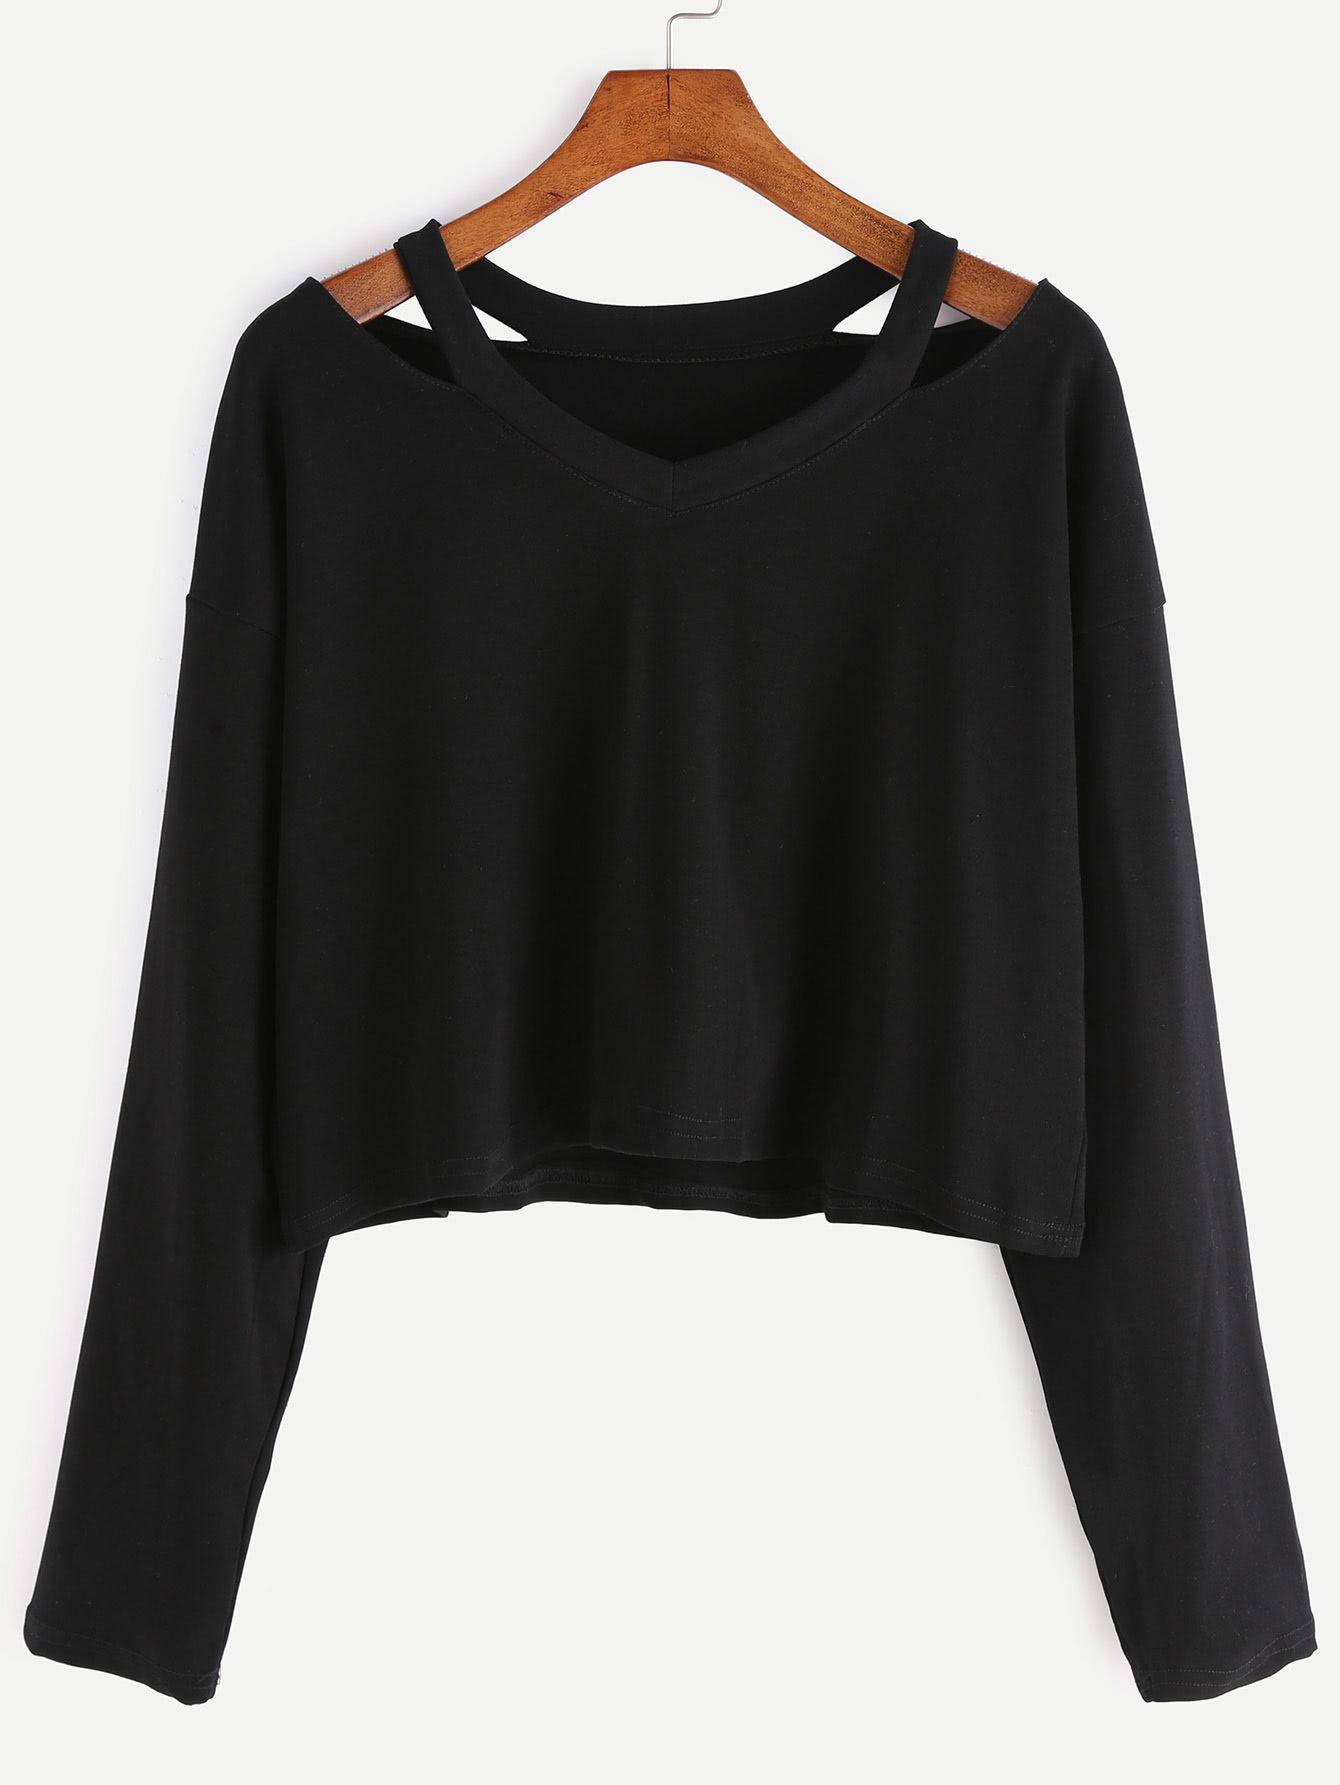 e6266d018c Cut Out Neck Long Sleeve T-shirt -SheIn(Sheinside) | Stuff to buy in ...